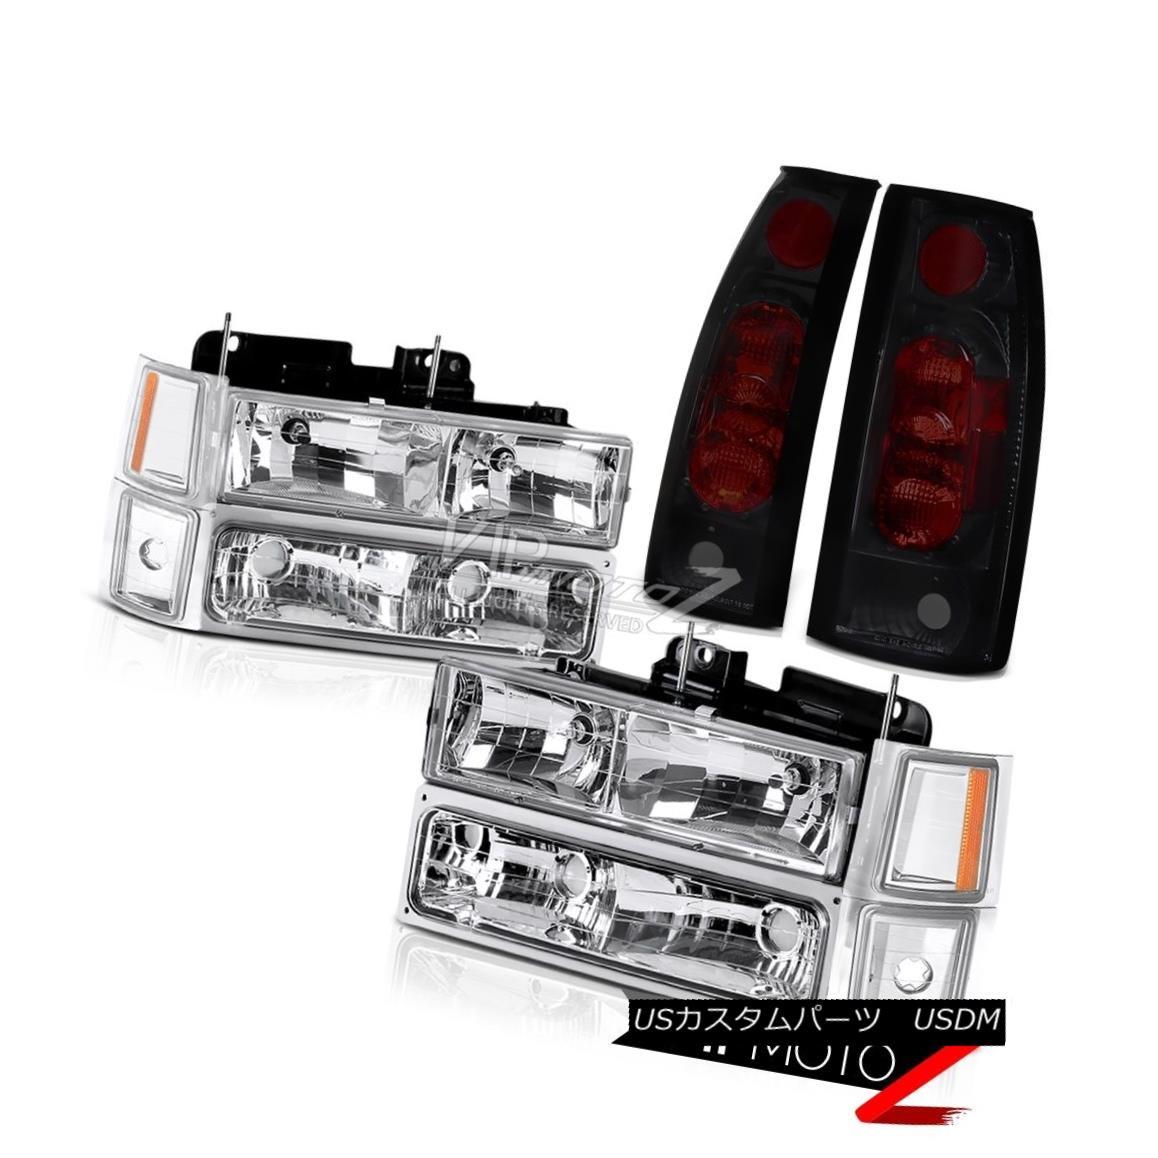 ヘッドライト Tahoe 94-99 Clear Headlight Signal Bumper Parking Sinister Black Rear Tail Lamp[ タホ94-99クリアヘッドライト信号バンパーパーキングシニスターブラックリアテールランプ[